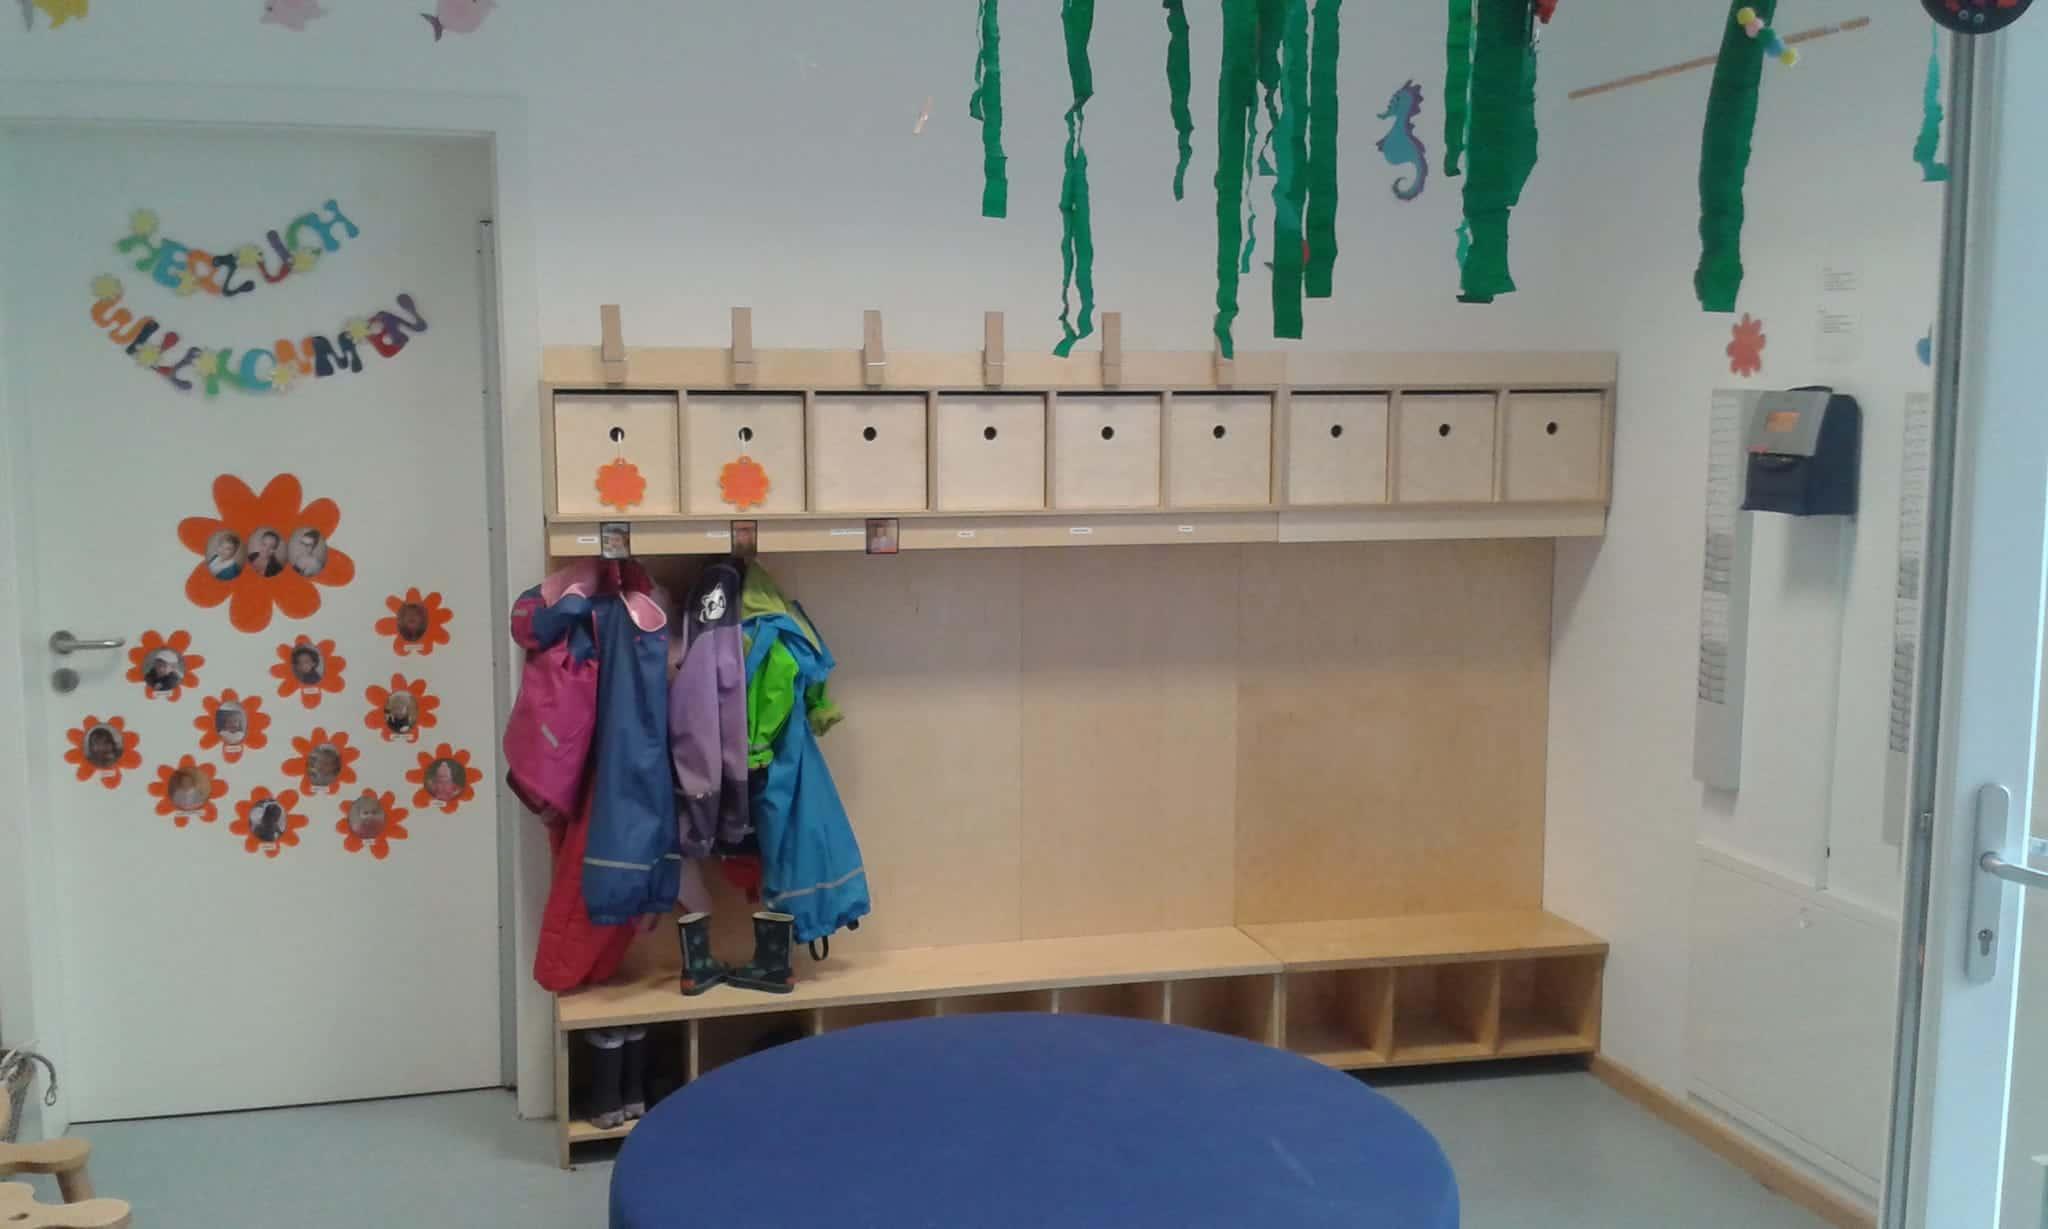 tischlerei-hanses-essen-kindergarten-kindergartenmoebel-kindergartenausstattung-2-1